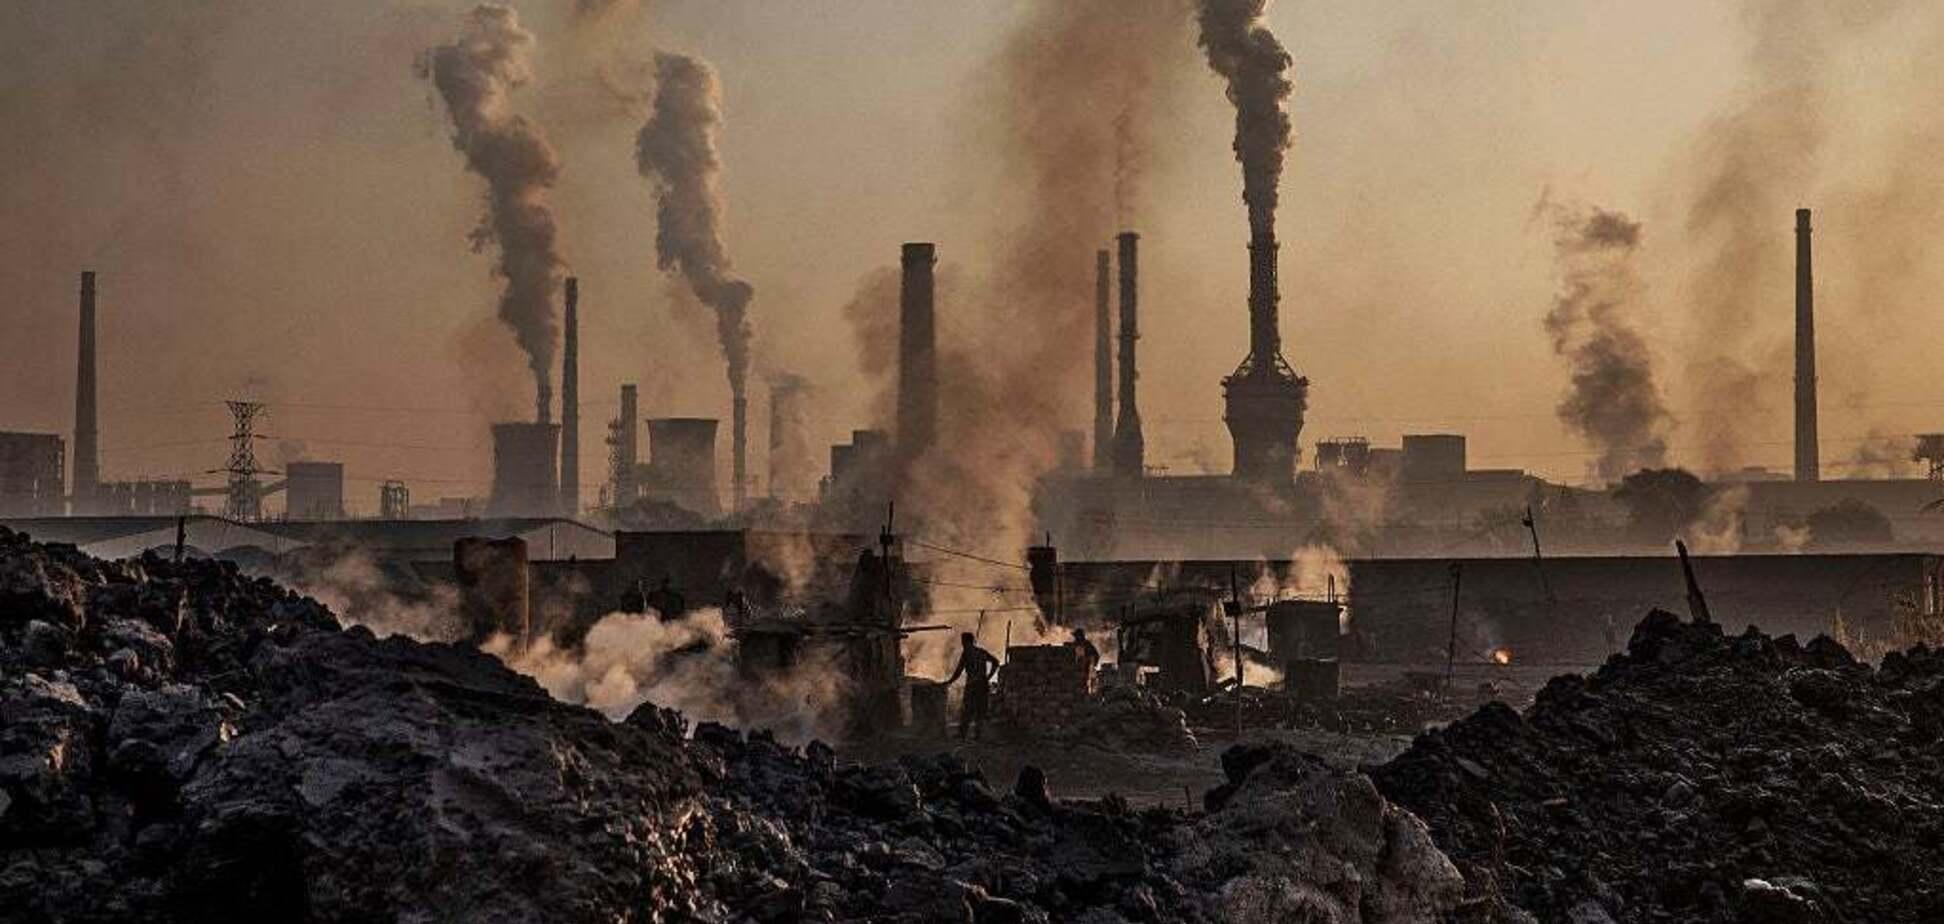 Мировой экономике предсказали крах из-за климатического кризиса